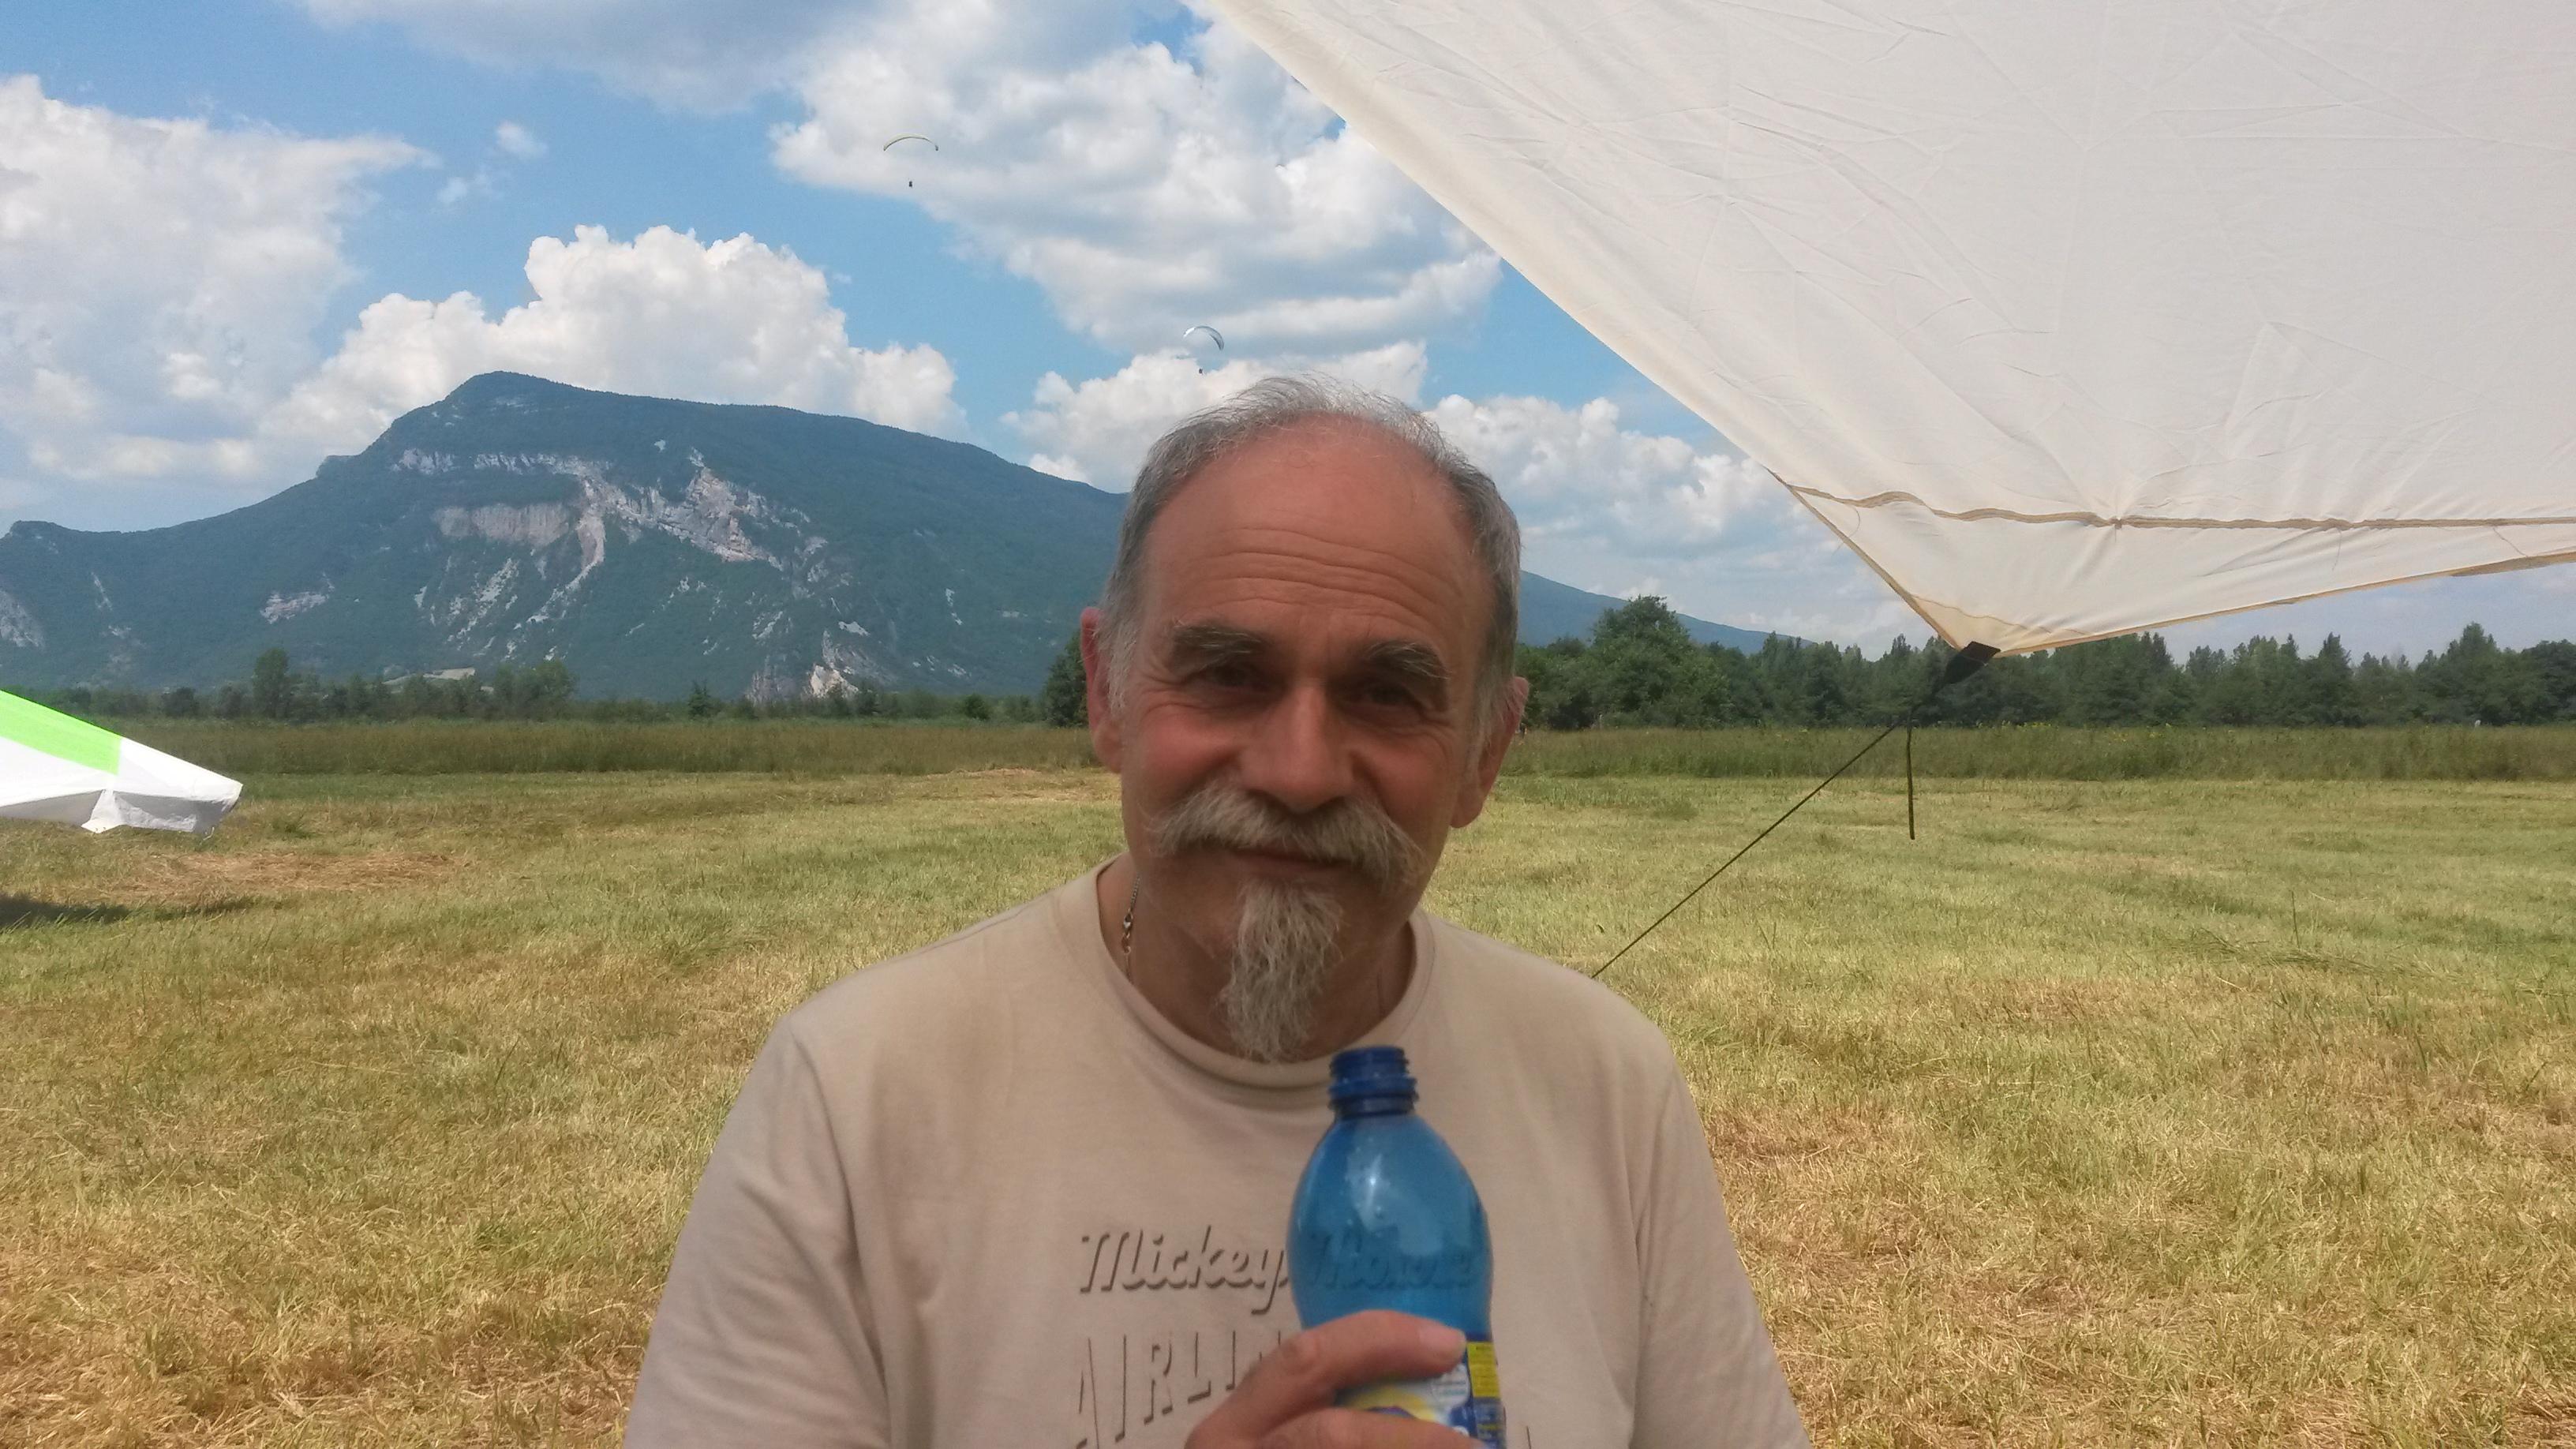 Portret van een man met een berg op de achtergrond en nog net een stukje deltavlieger in beeld. In de verte vliegen 2 paragliders